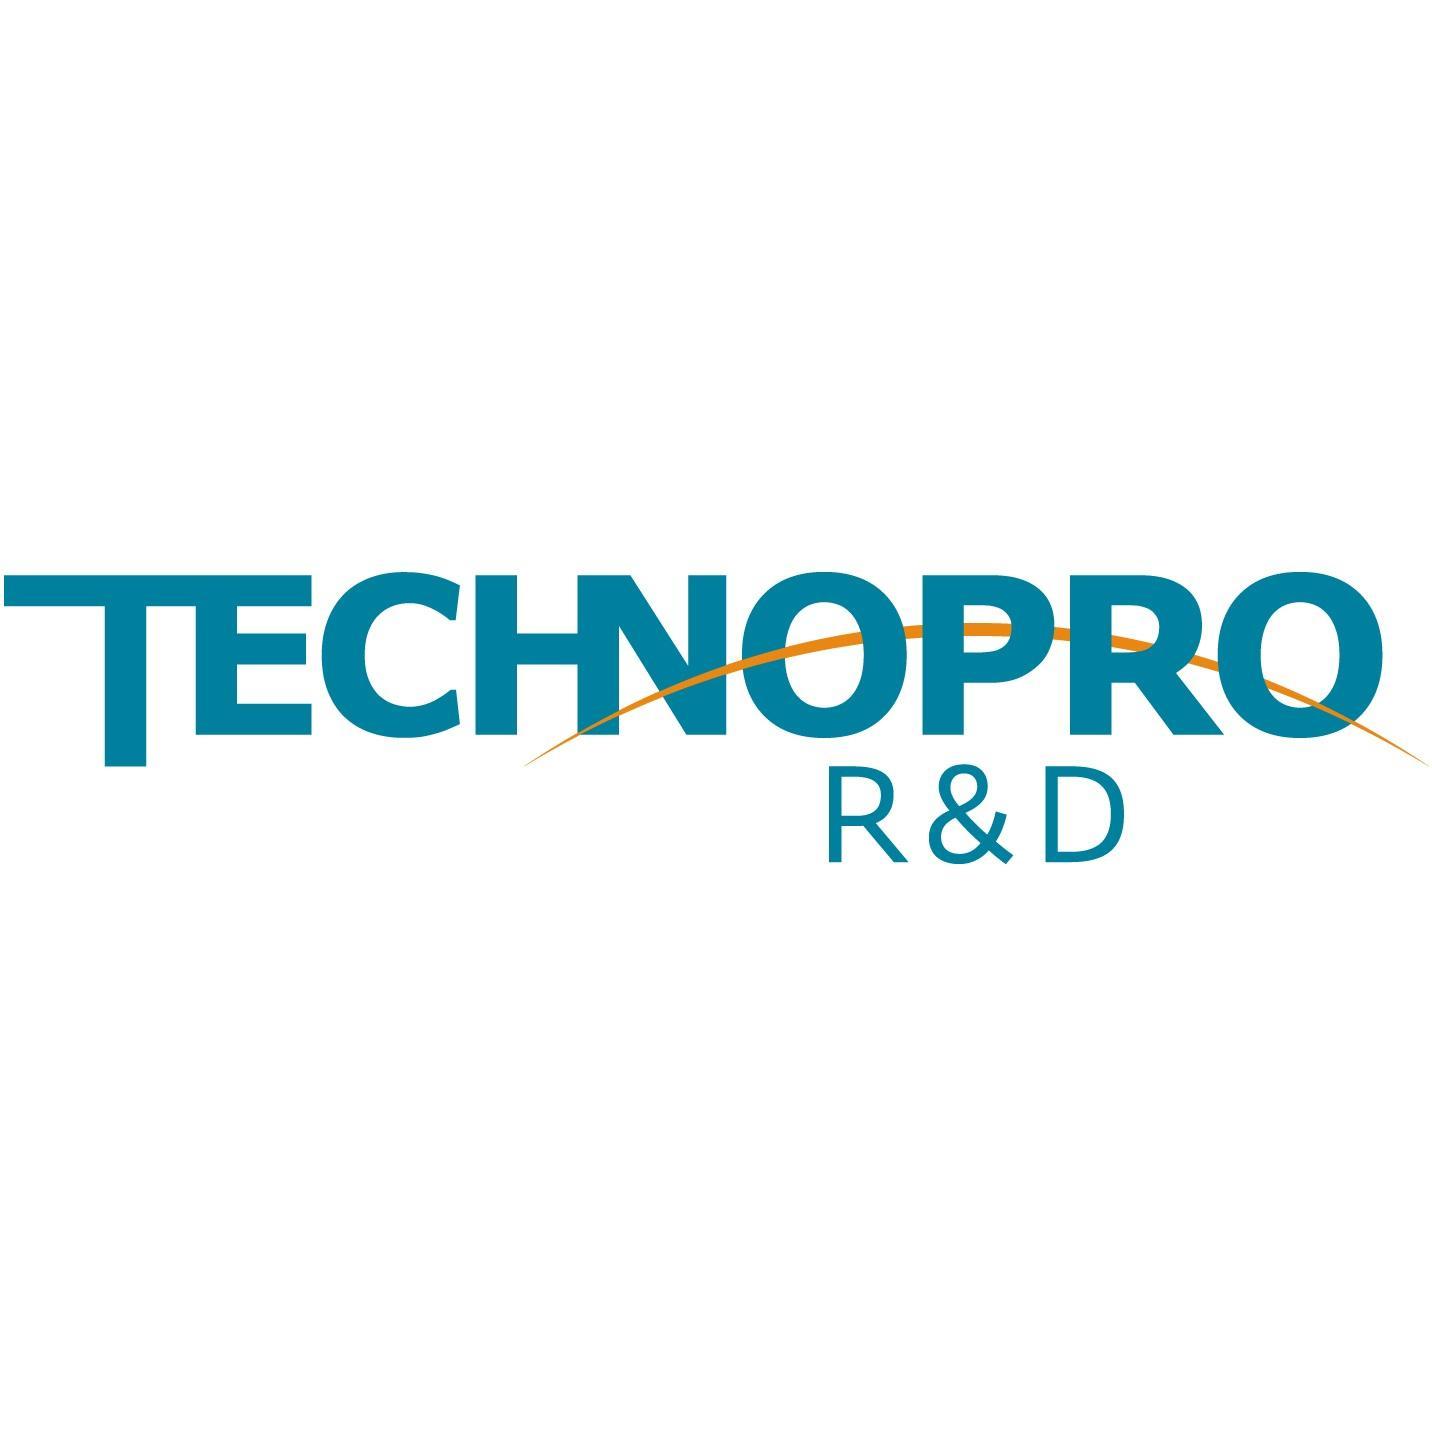 株式会社テクノプロ テクノプロ・R&D社